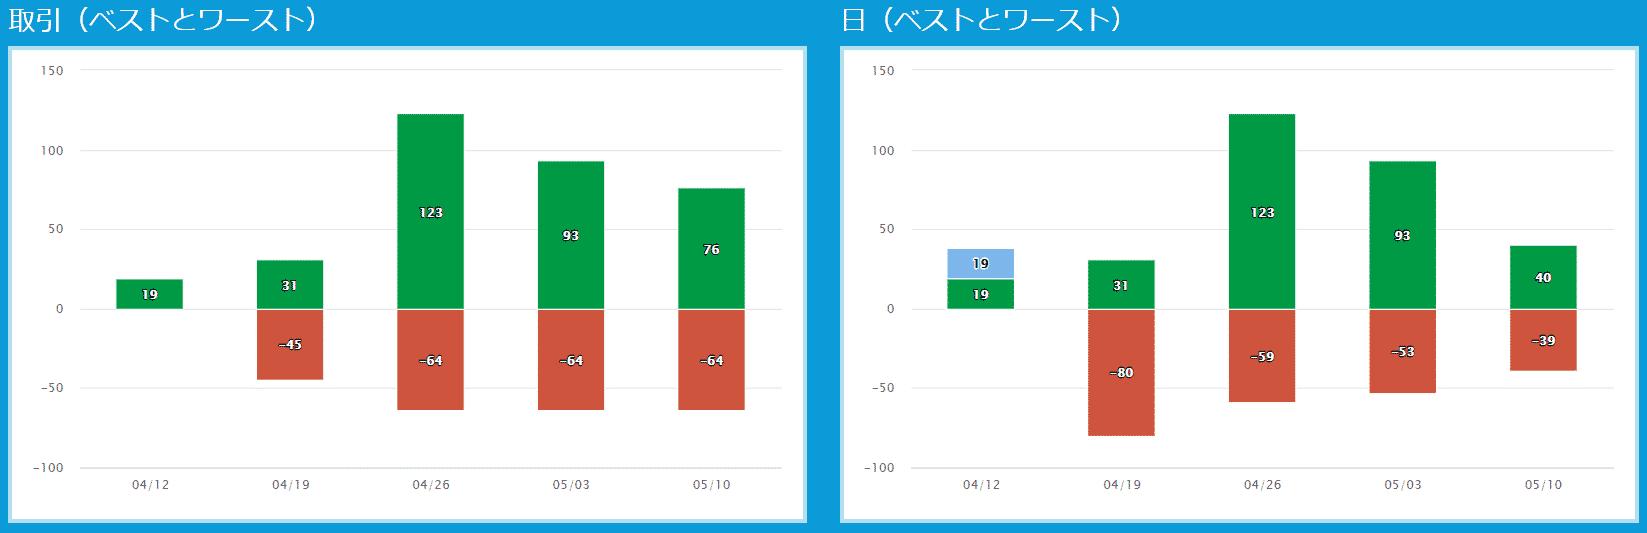 プロップトレーダーチャートKatsu2